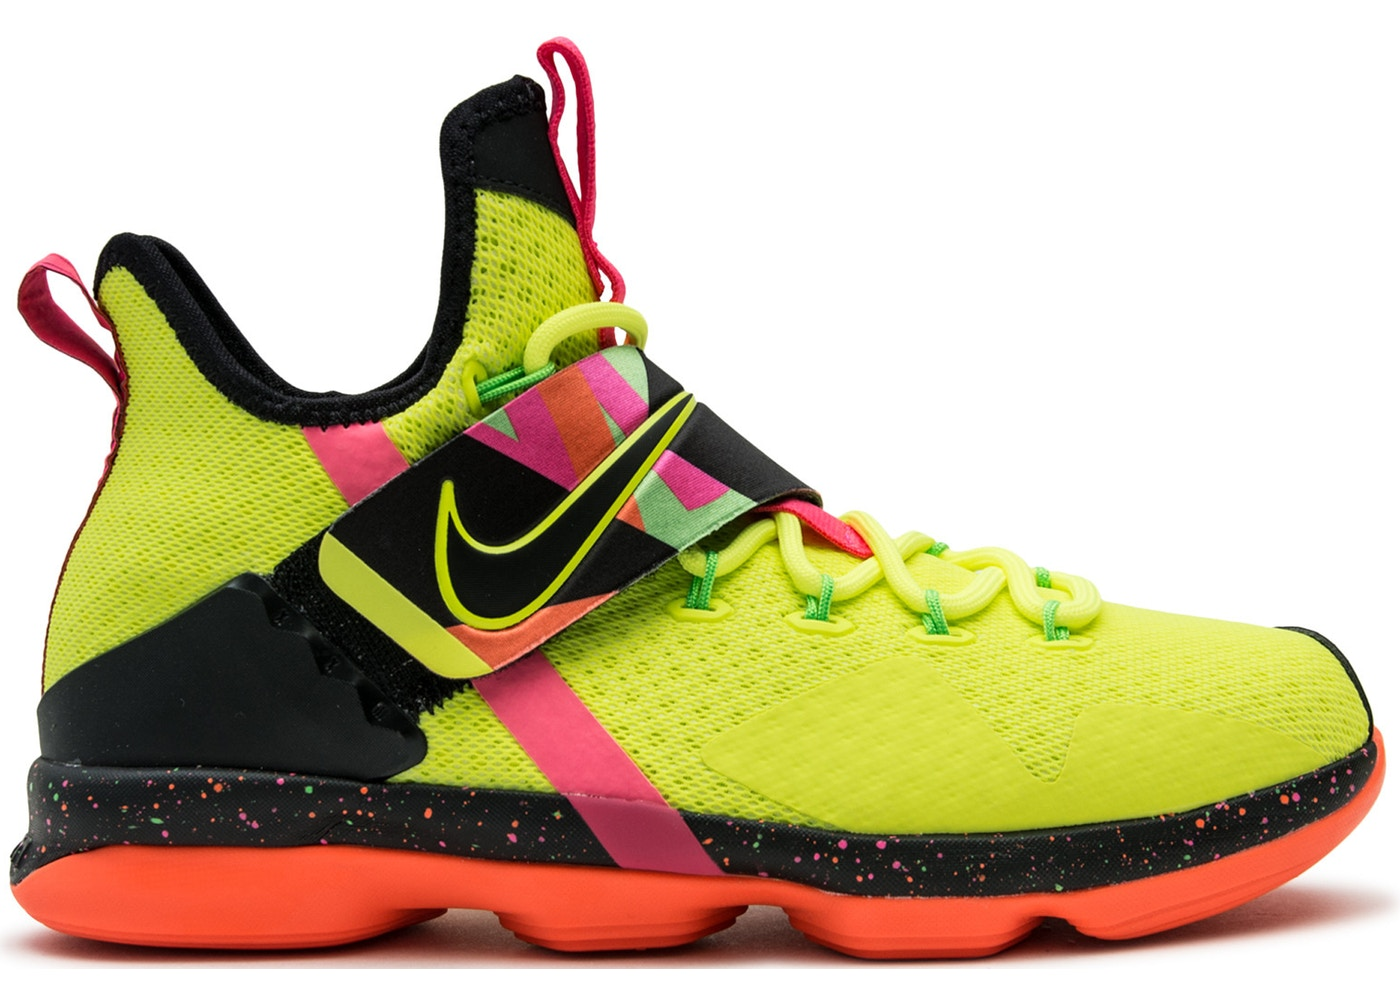 db5cbe1c3e9 Nike LeBron Shoes - Volatility